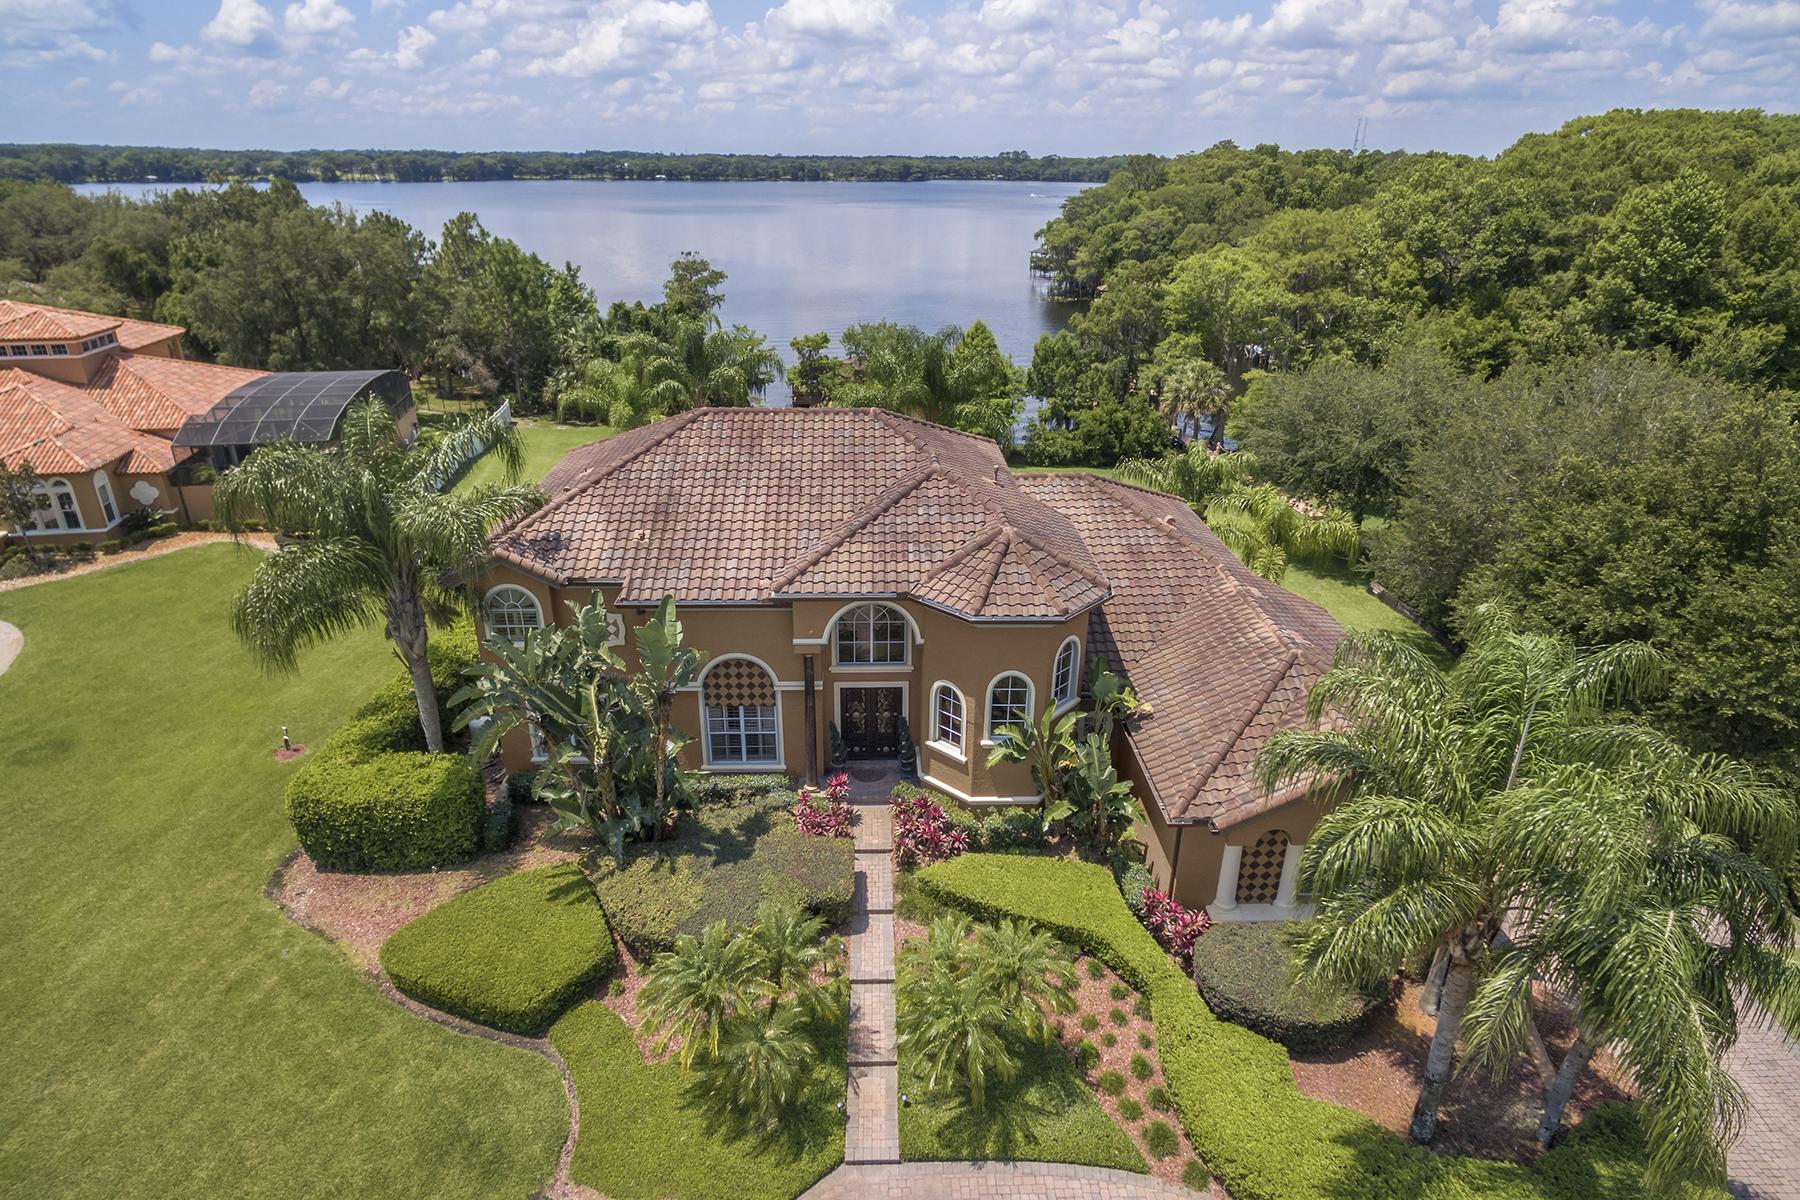 Частный односемейный дом для того Продажа на Chuluota, Florida 917 Mills Estate Pl Chuluota, Флорида, 32766 Соединенные Штаты